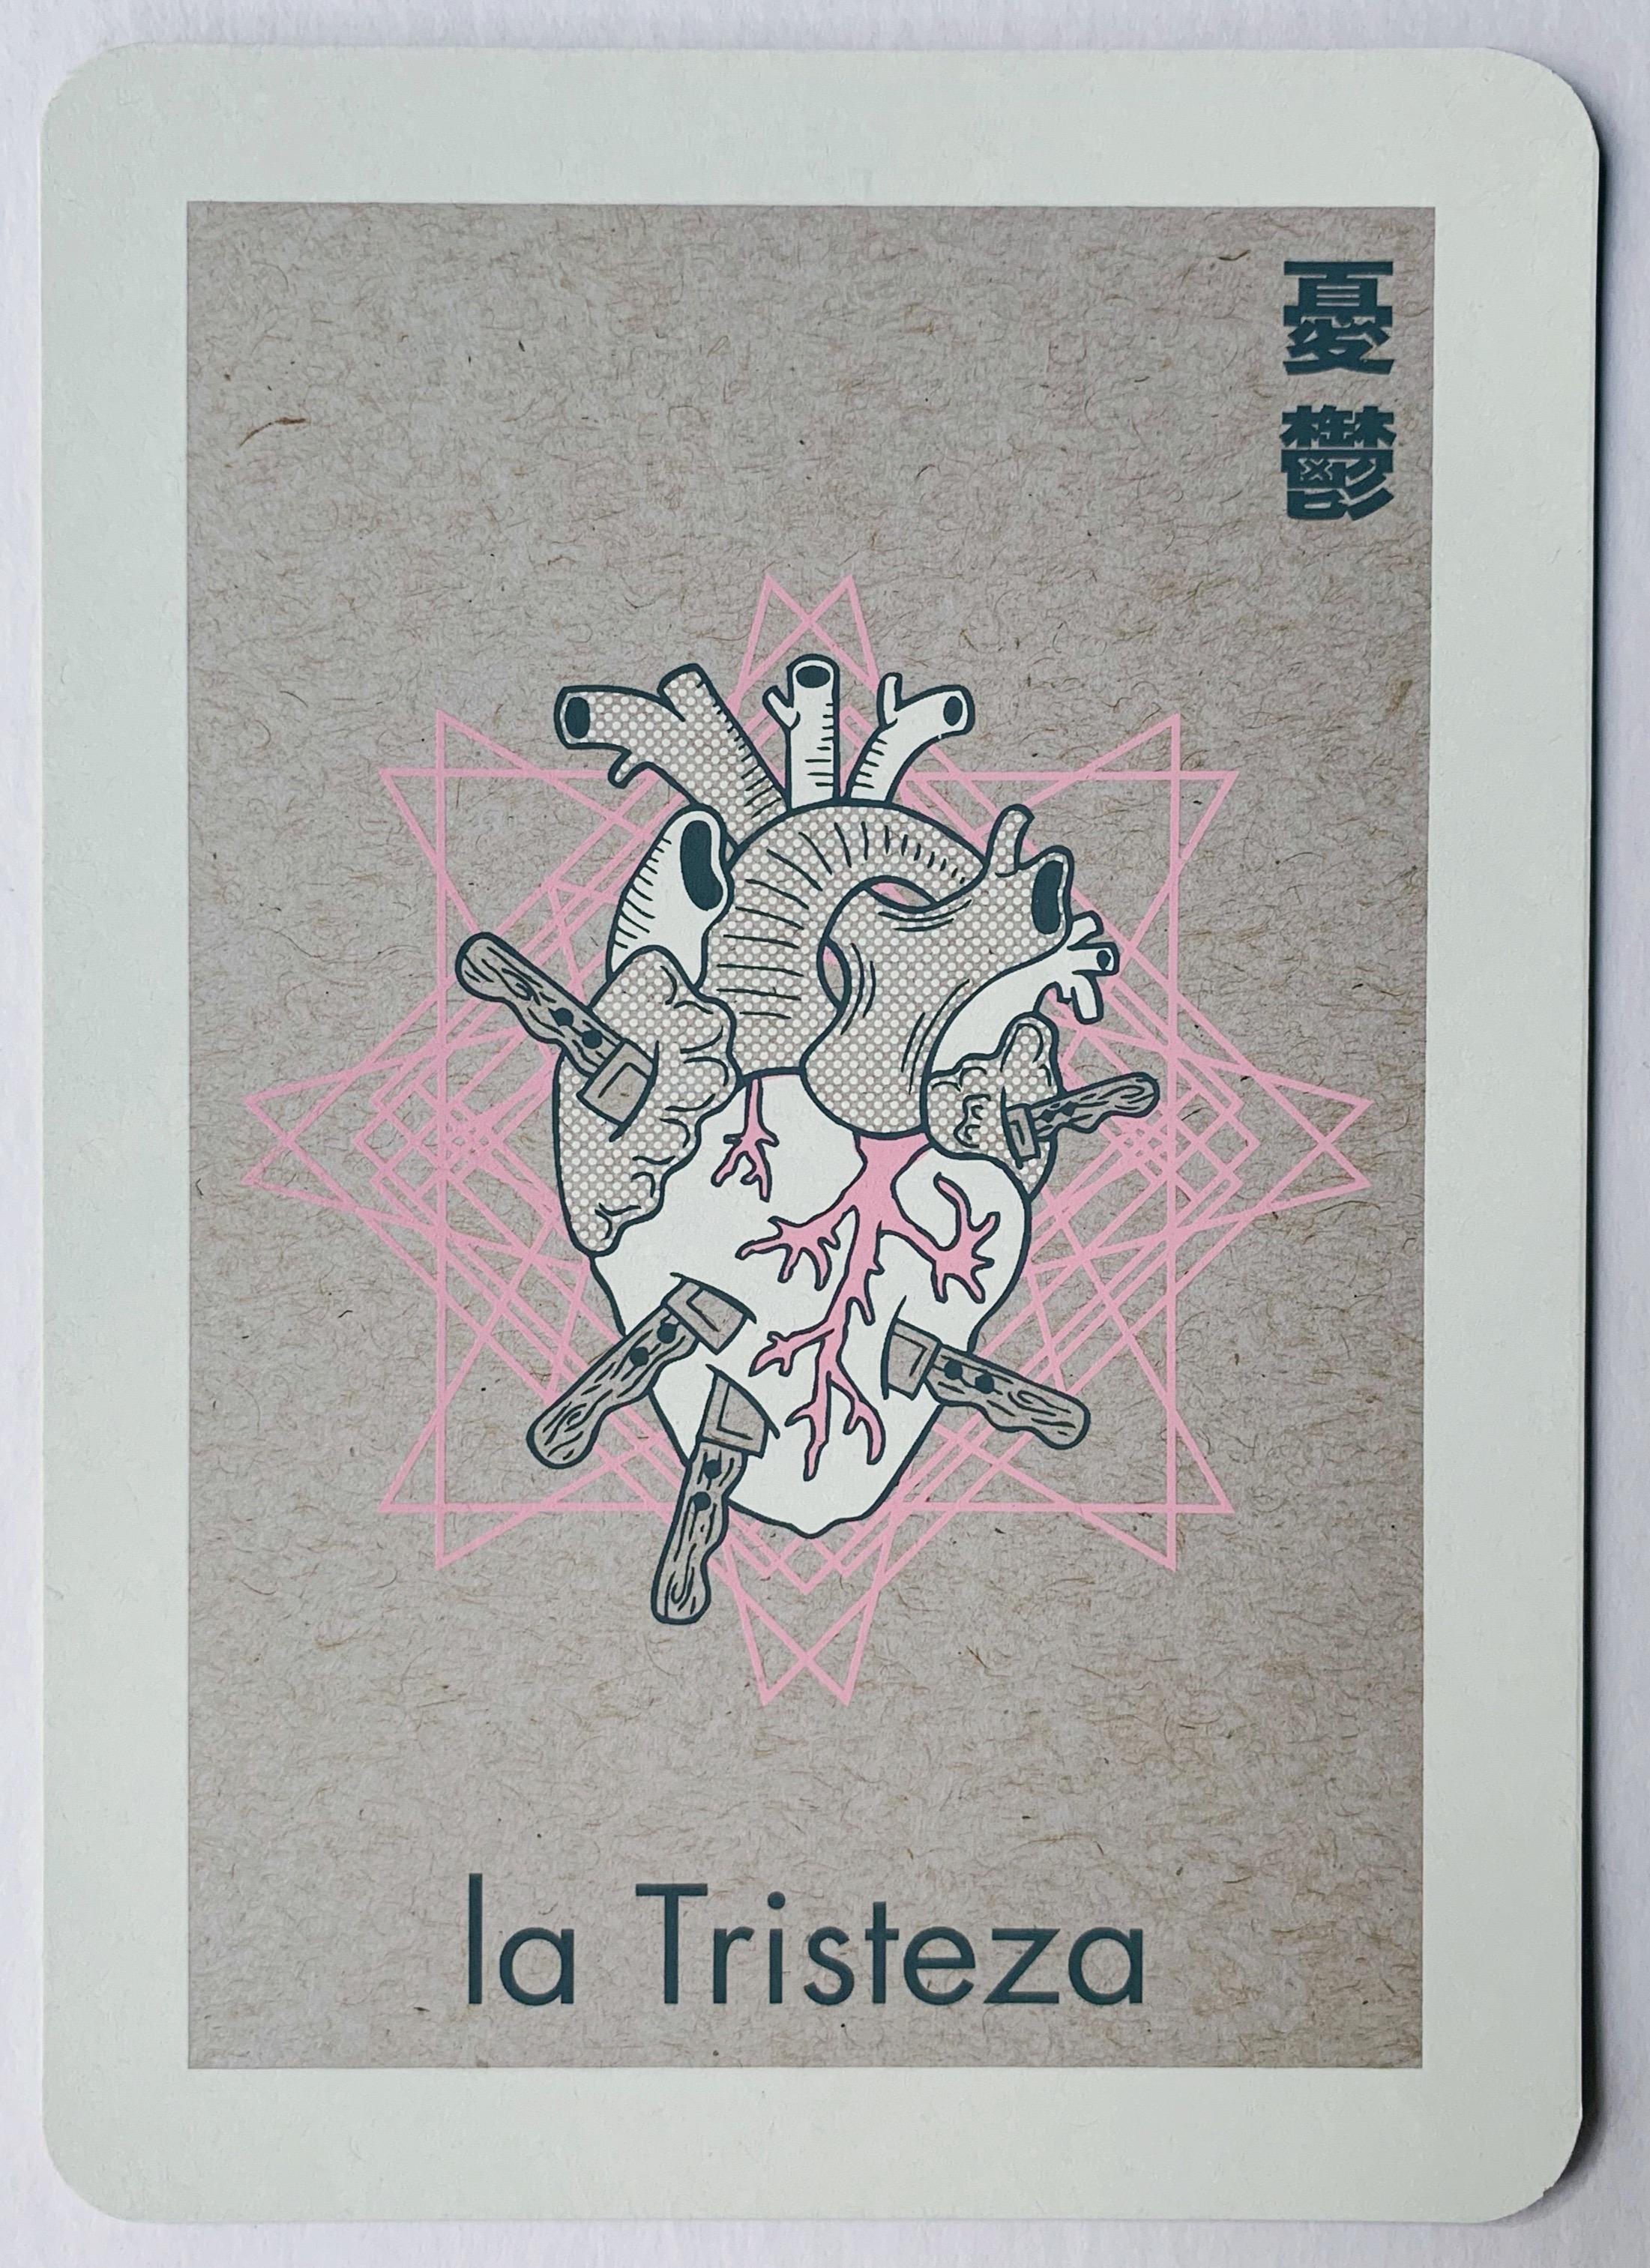 la Tristeza, serigraphy, 2017